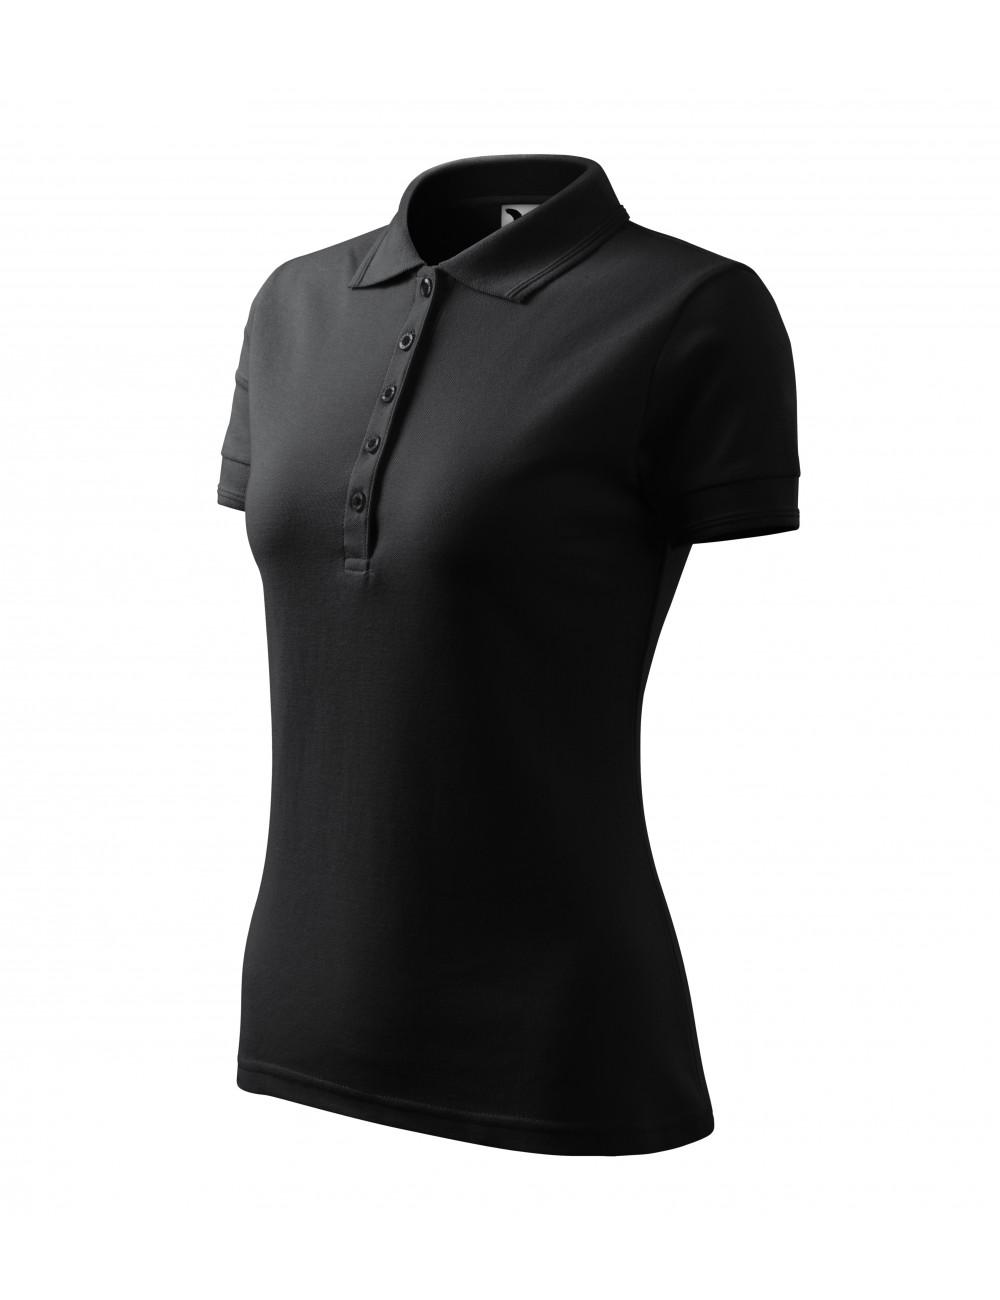 Adler MALFINI Koszulka polo damska Pique Polo 210 ebony gray